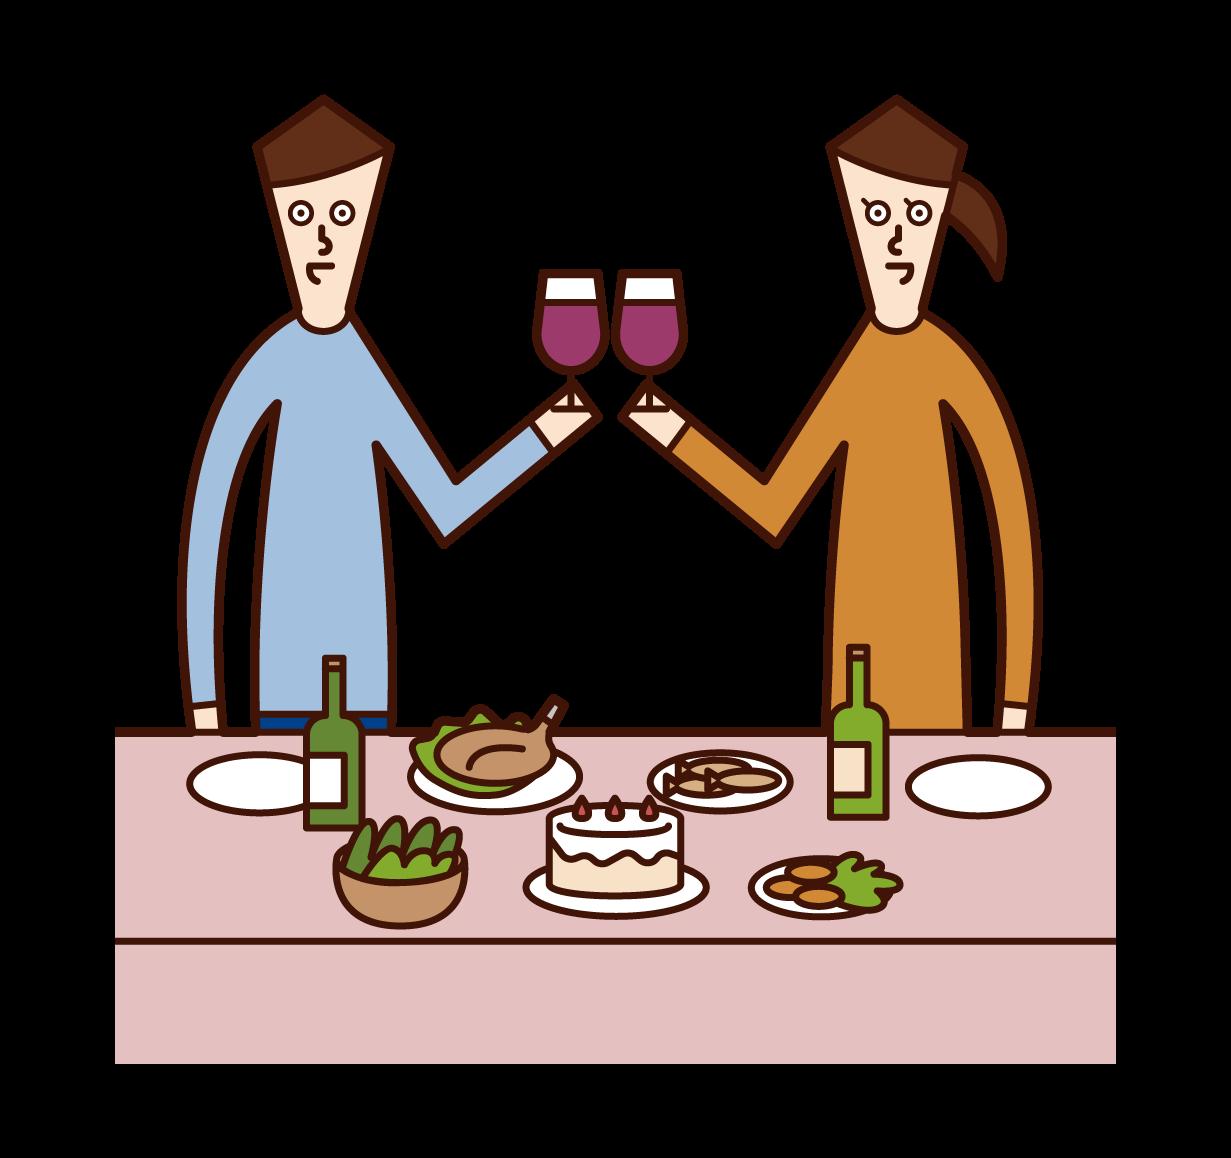 乾杯をする人たち(男女)のイラスト